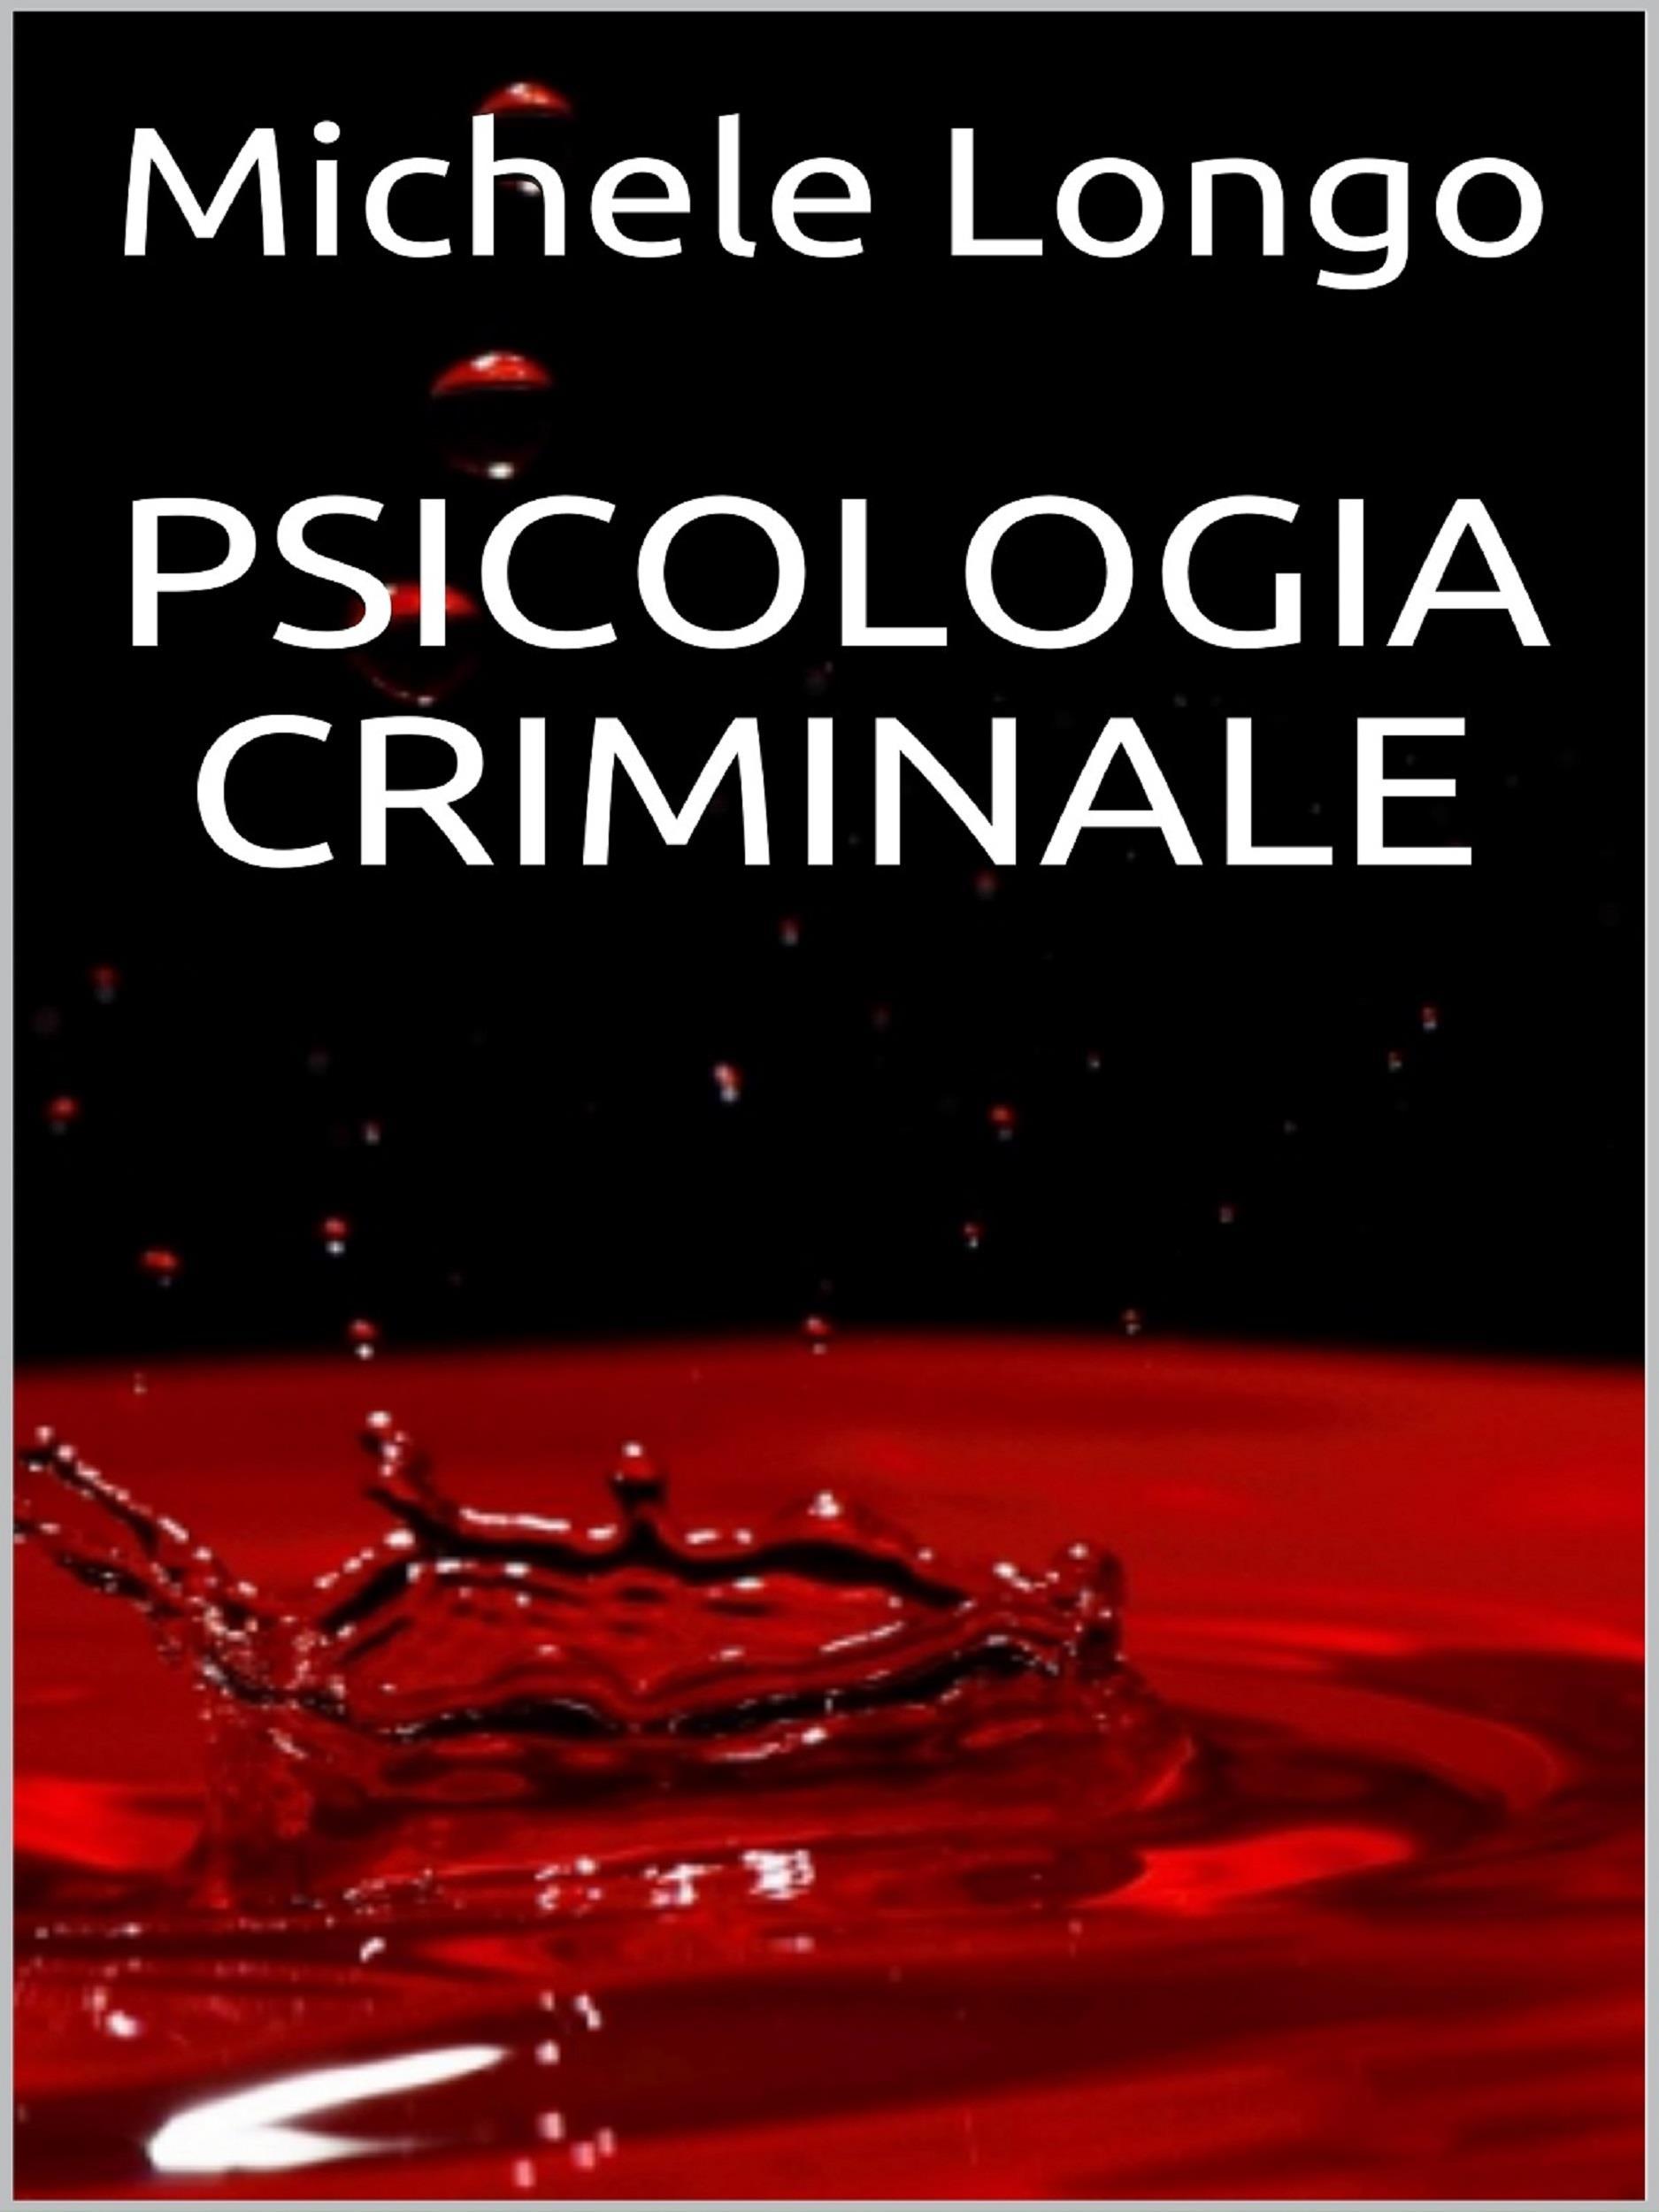 Psicologia criminale